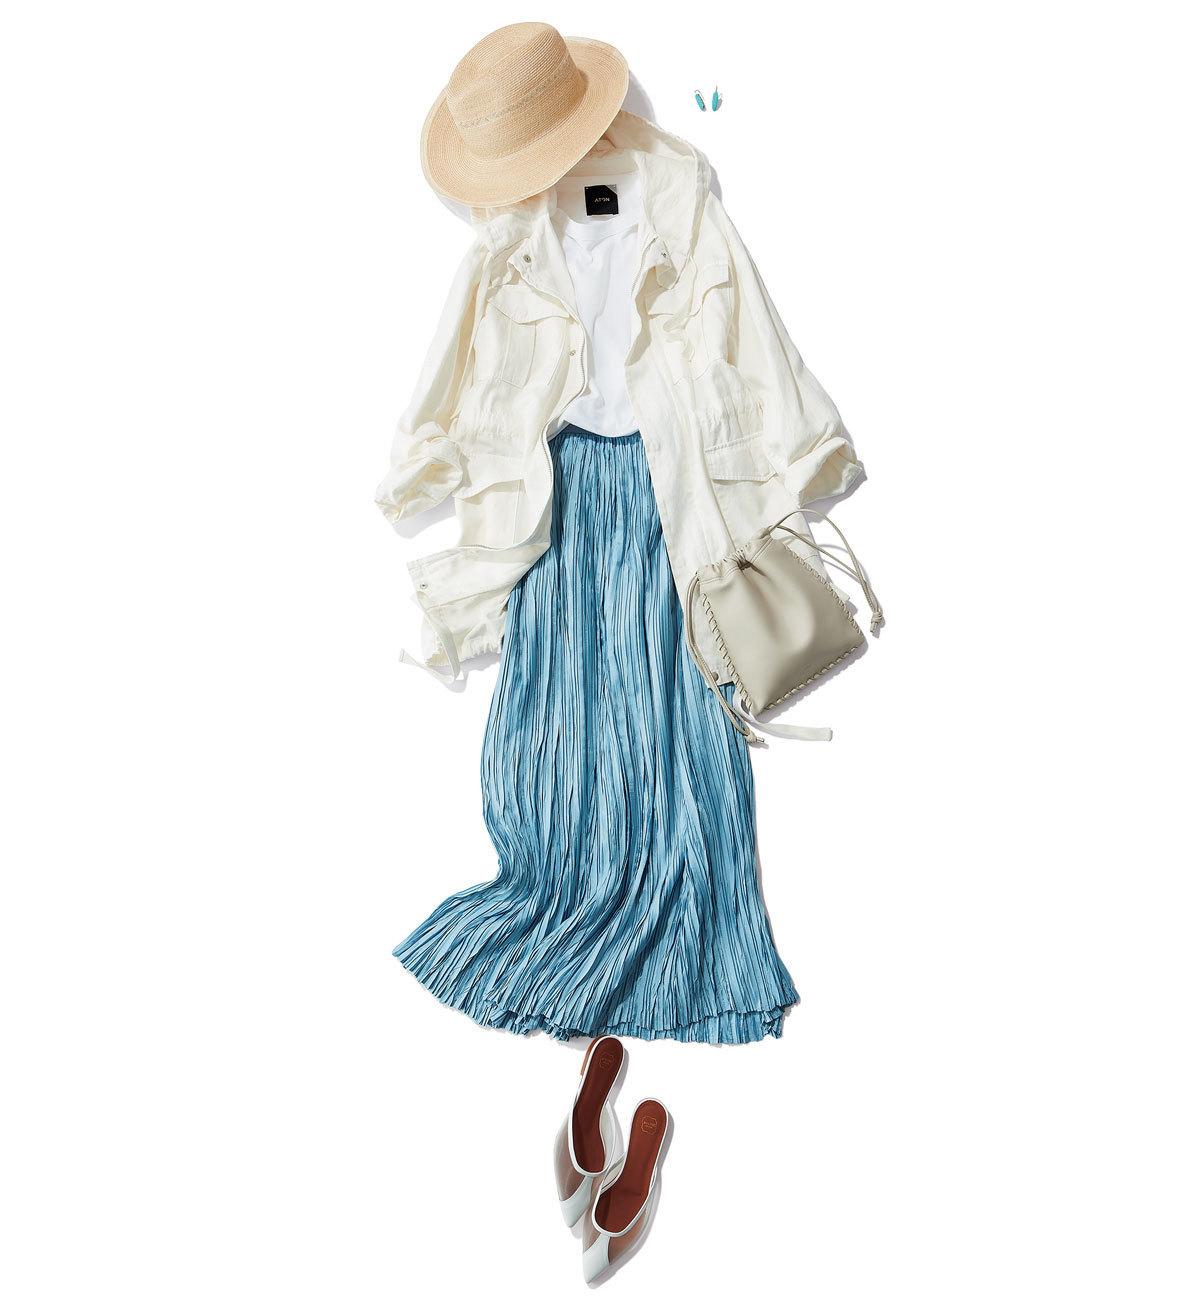 ラフなアウターとレディなスカート、間違いのないミックスコーデ